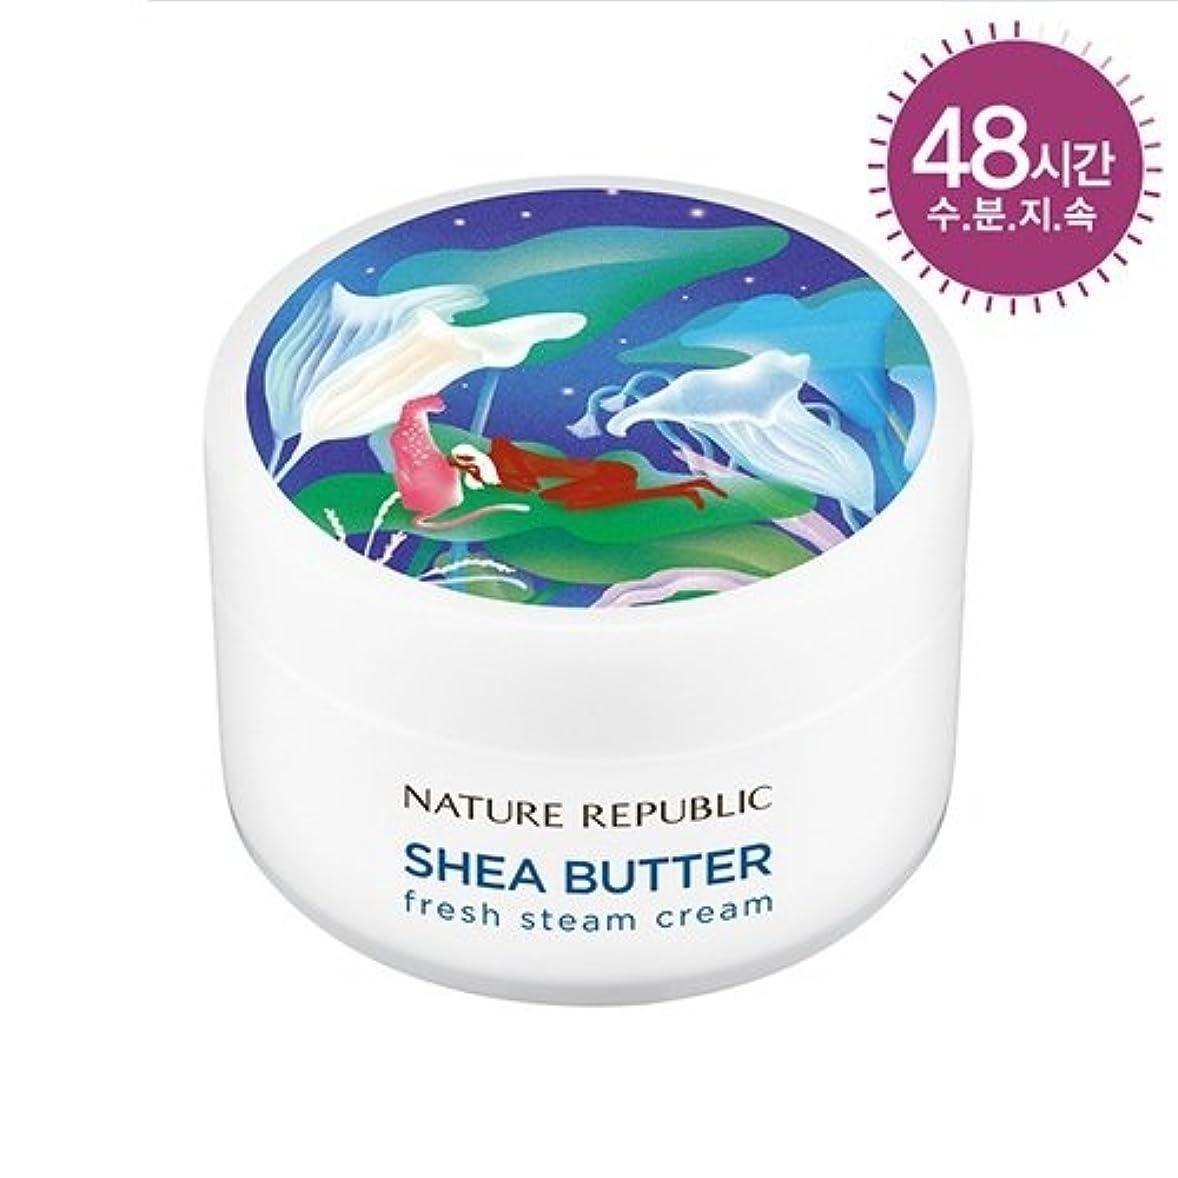 一人でママ匹敵しますNATURE REPUBLIC(ネイチャーリパブリック) SHEA BUTTER STEAM CREAM シアバター スチーム クリーム #フレッシュスオイリー肌